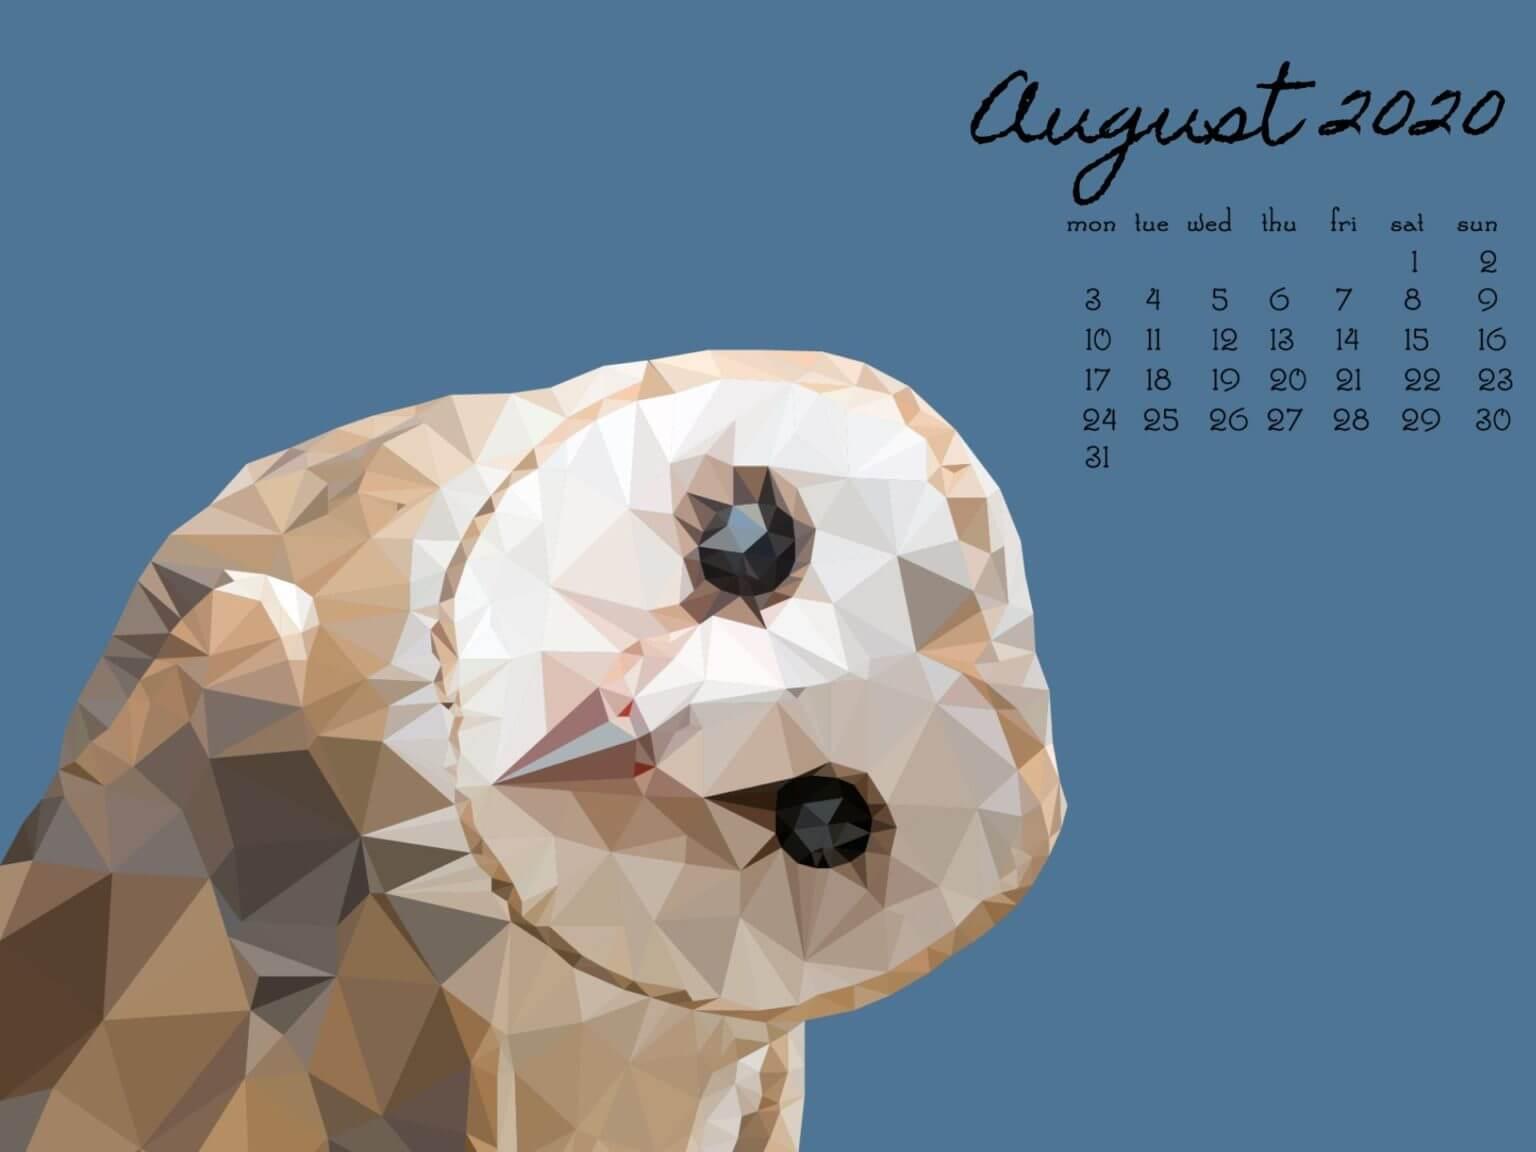 August 2020 Calendar Desktop Screensaver